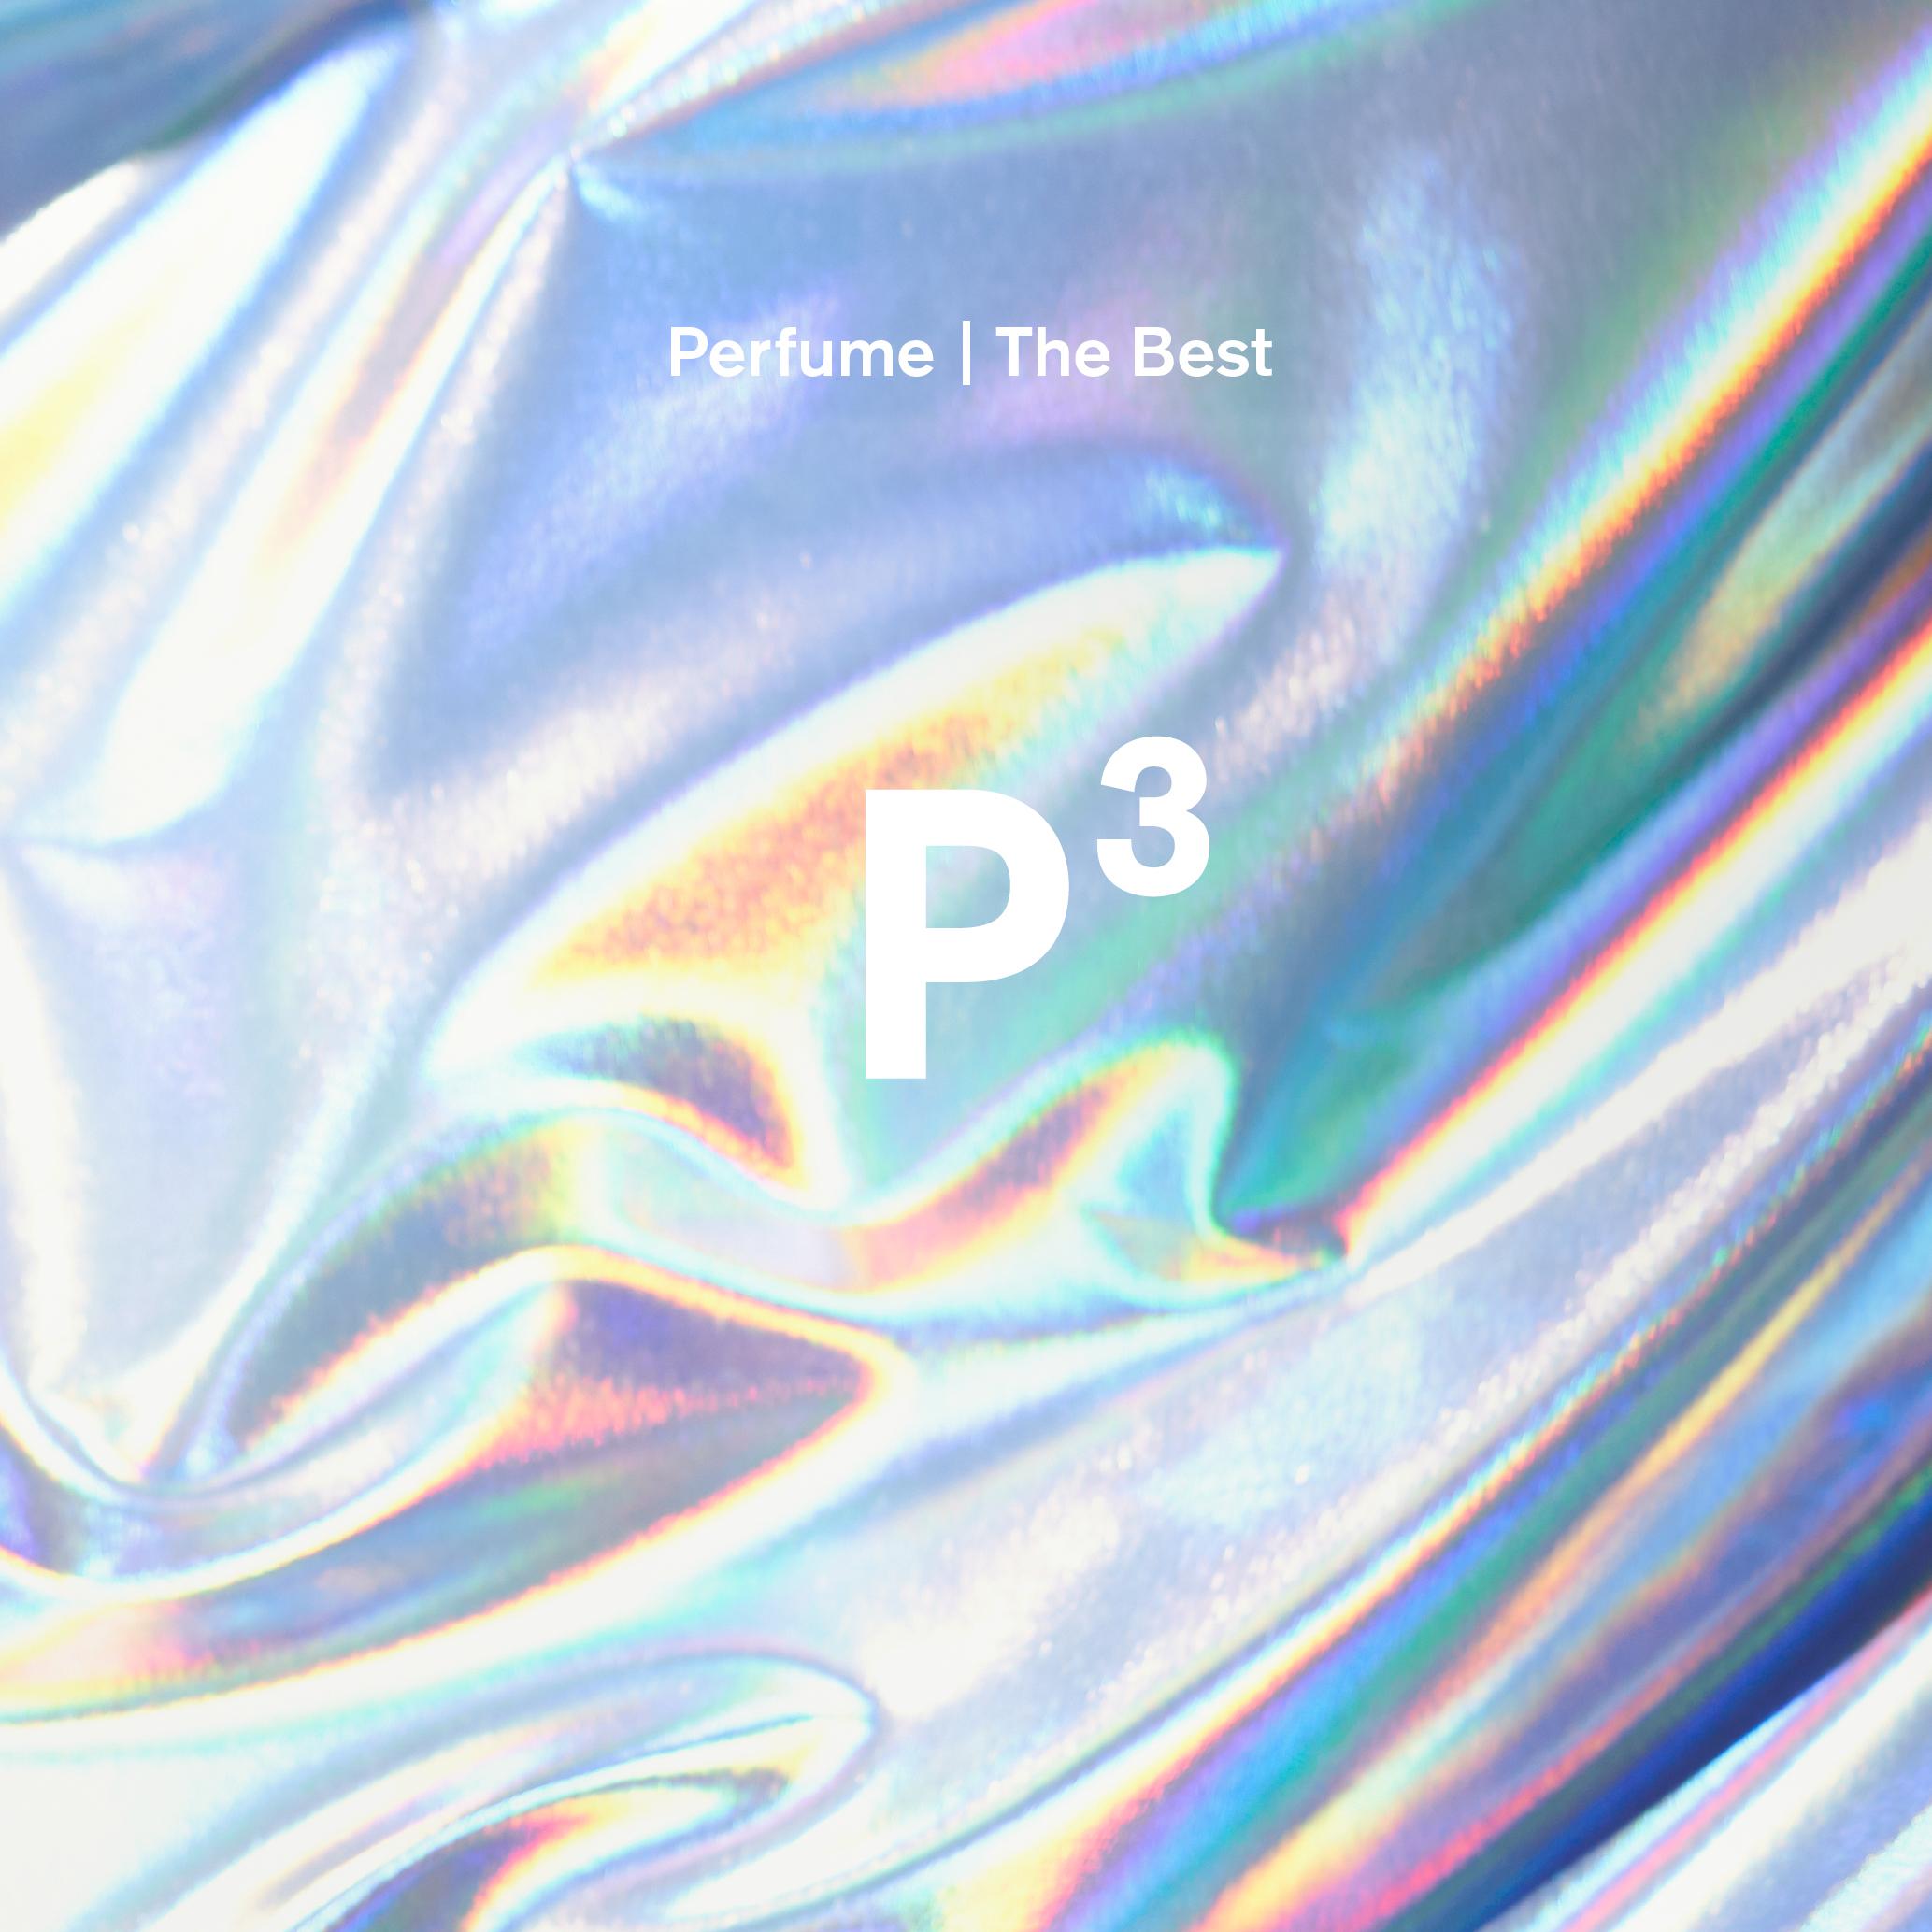 """Perfume (パフューム) オールタイム・ベスト・アルバム『Perfume The Best """"P Cubed""""(パフューム・ザ・ベスト・ピー・キューブド)』(完全生産限定盤) 高画質CDジャケット画像 ジャケ写"""